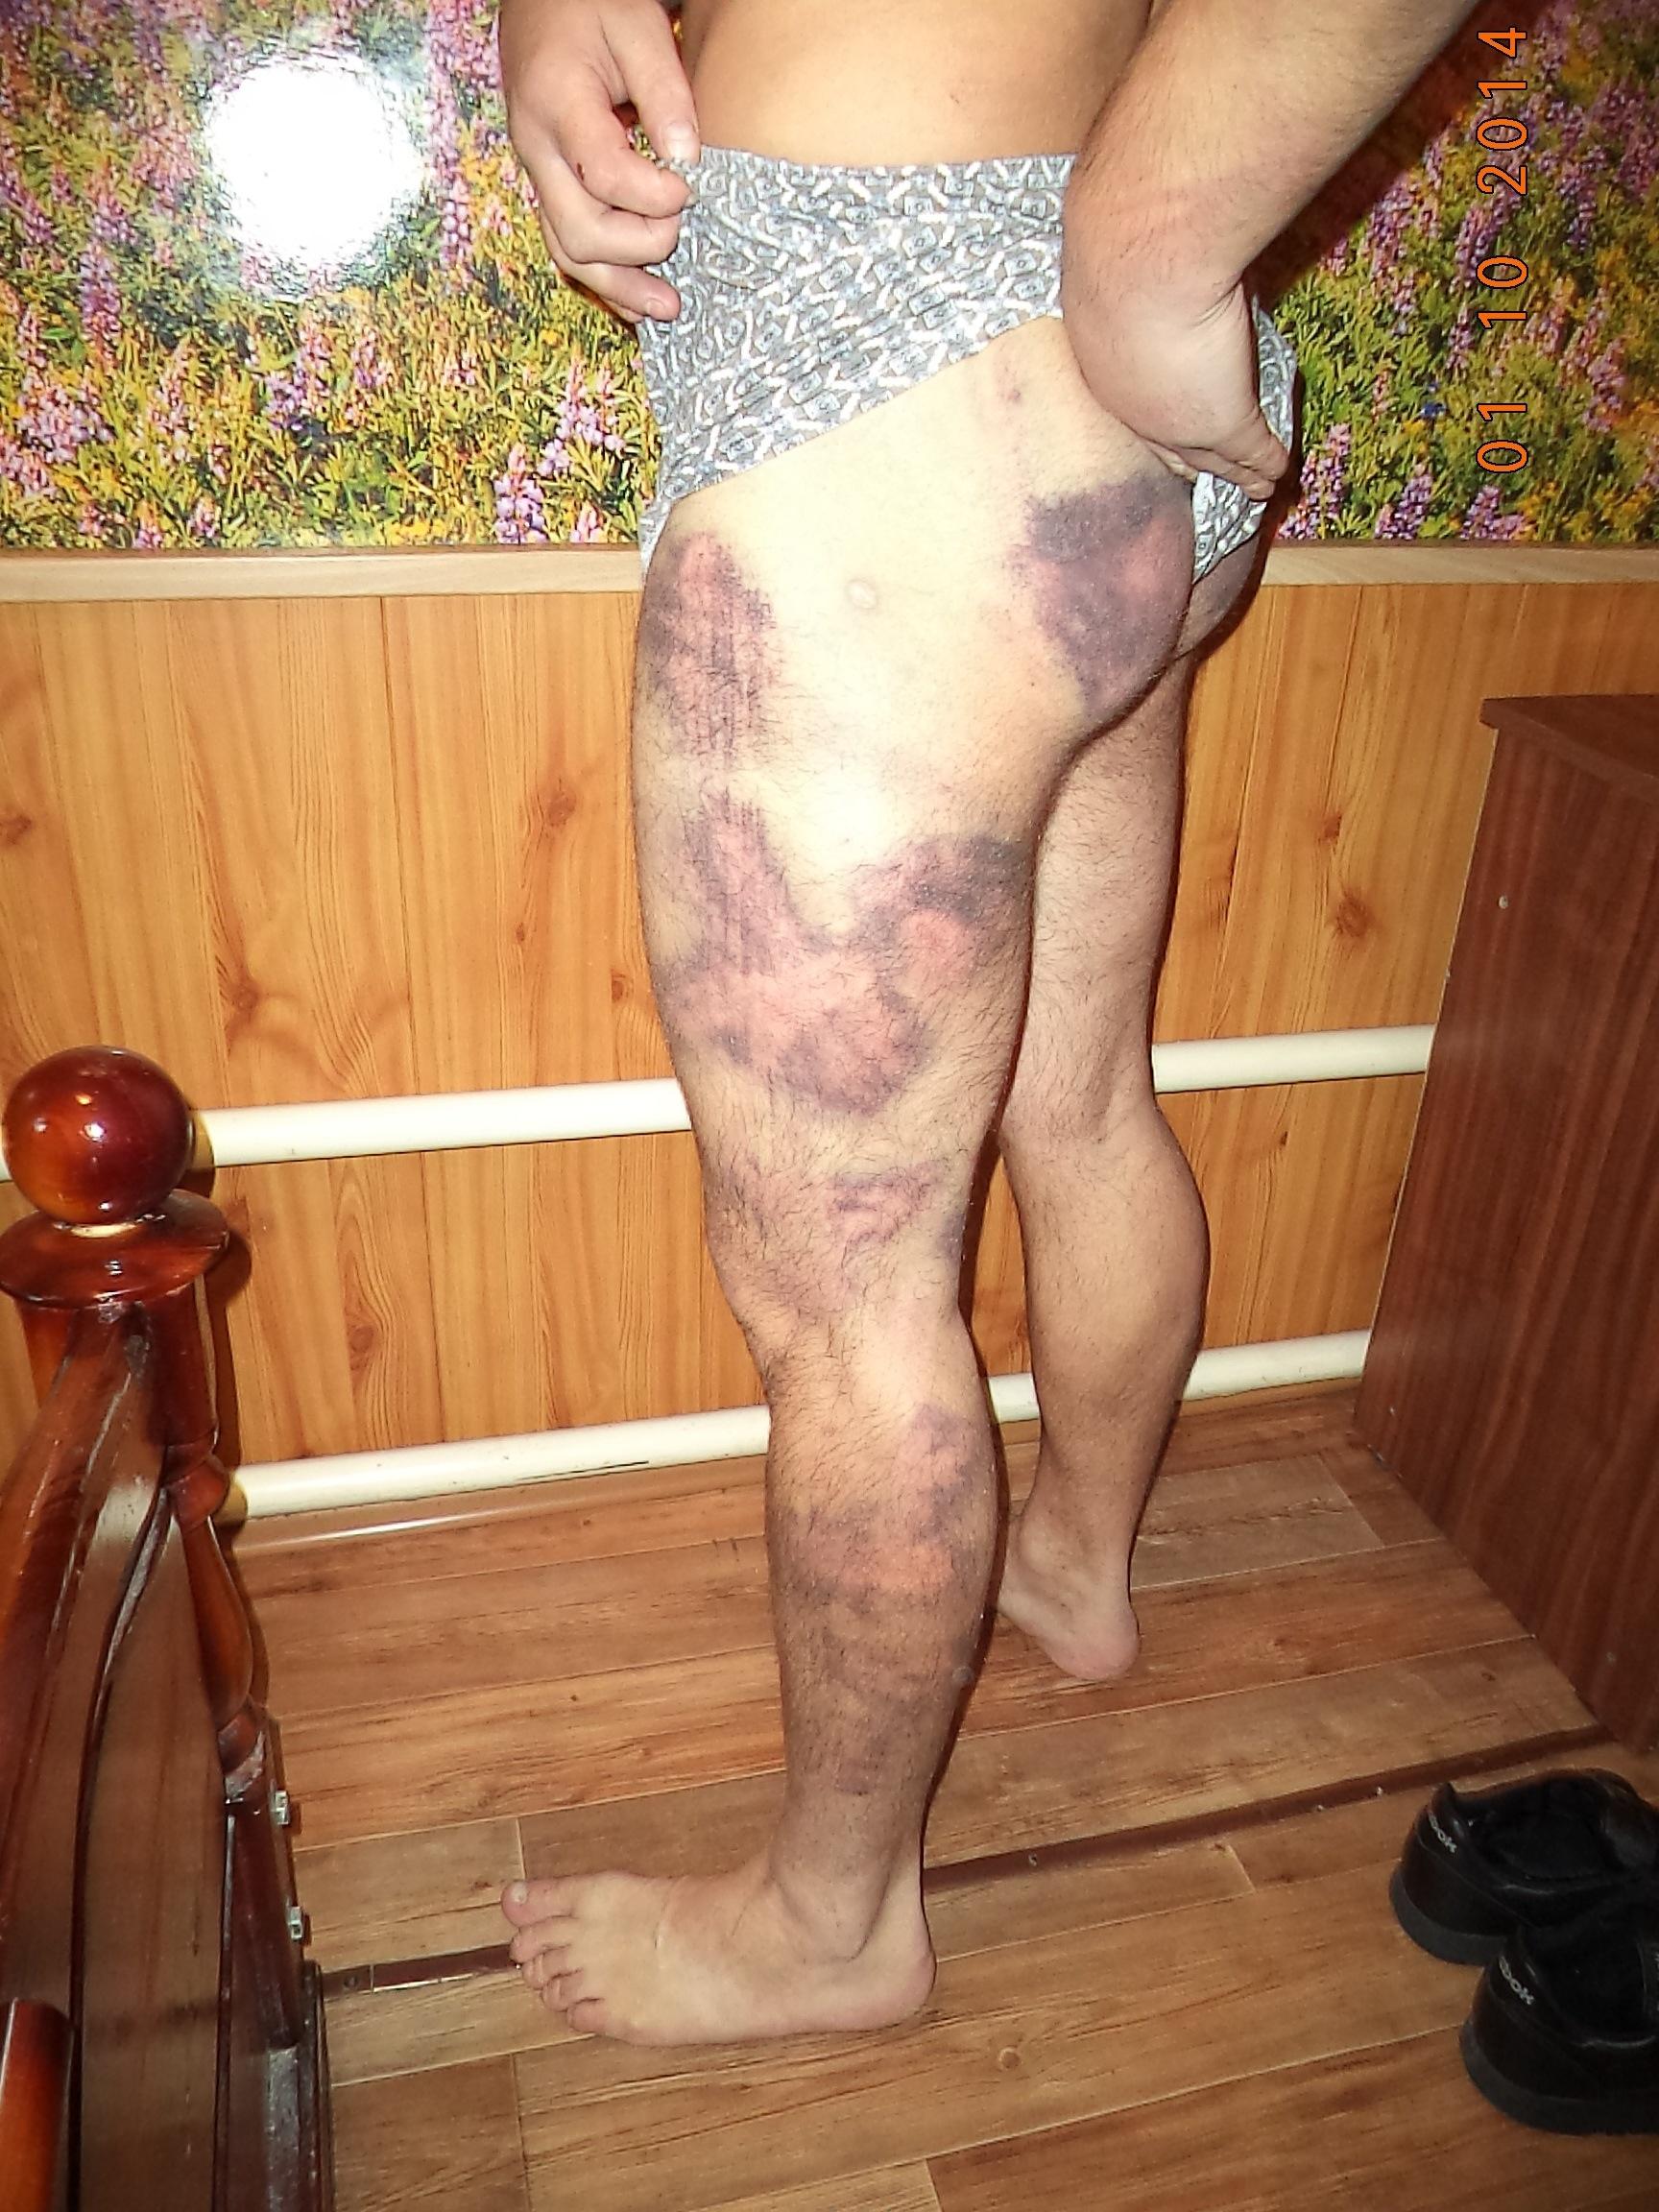 Фото сексуальных издевательств девушки над девушкой 18 фотография